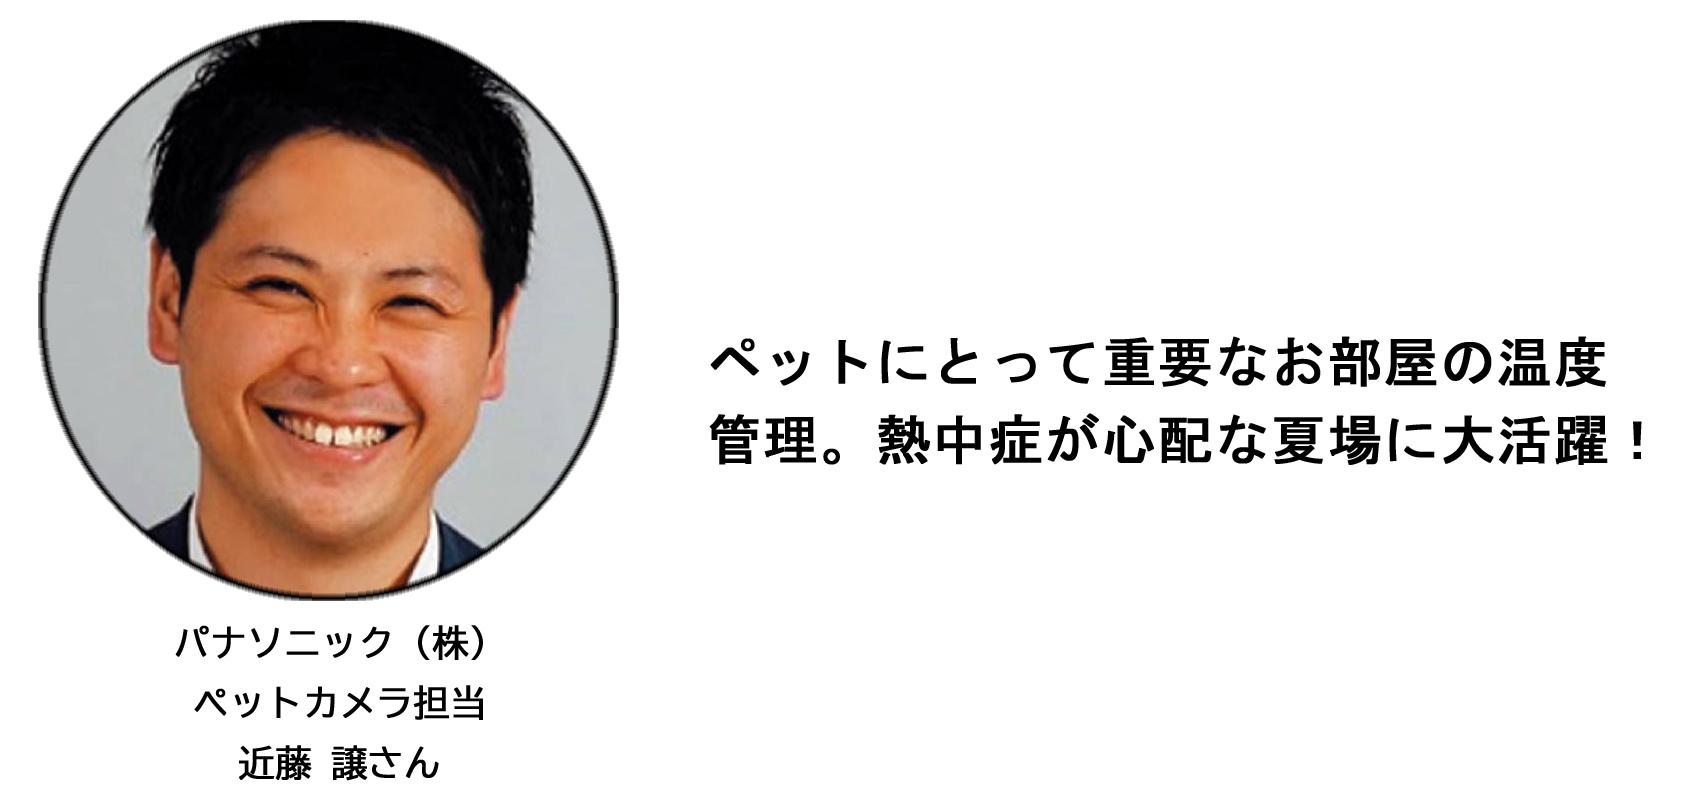 パナソニック(株) ペットカメラ担当 近藤 譲さん